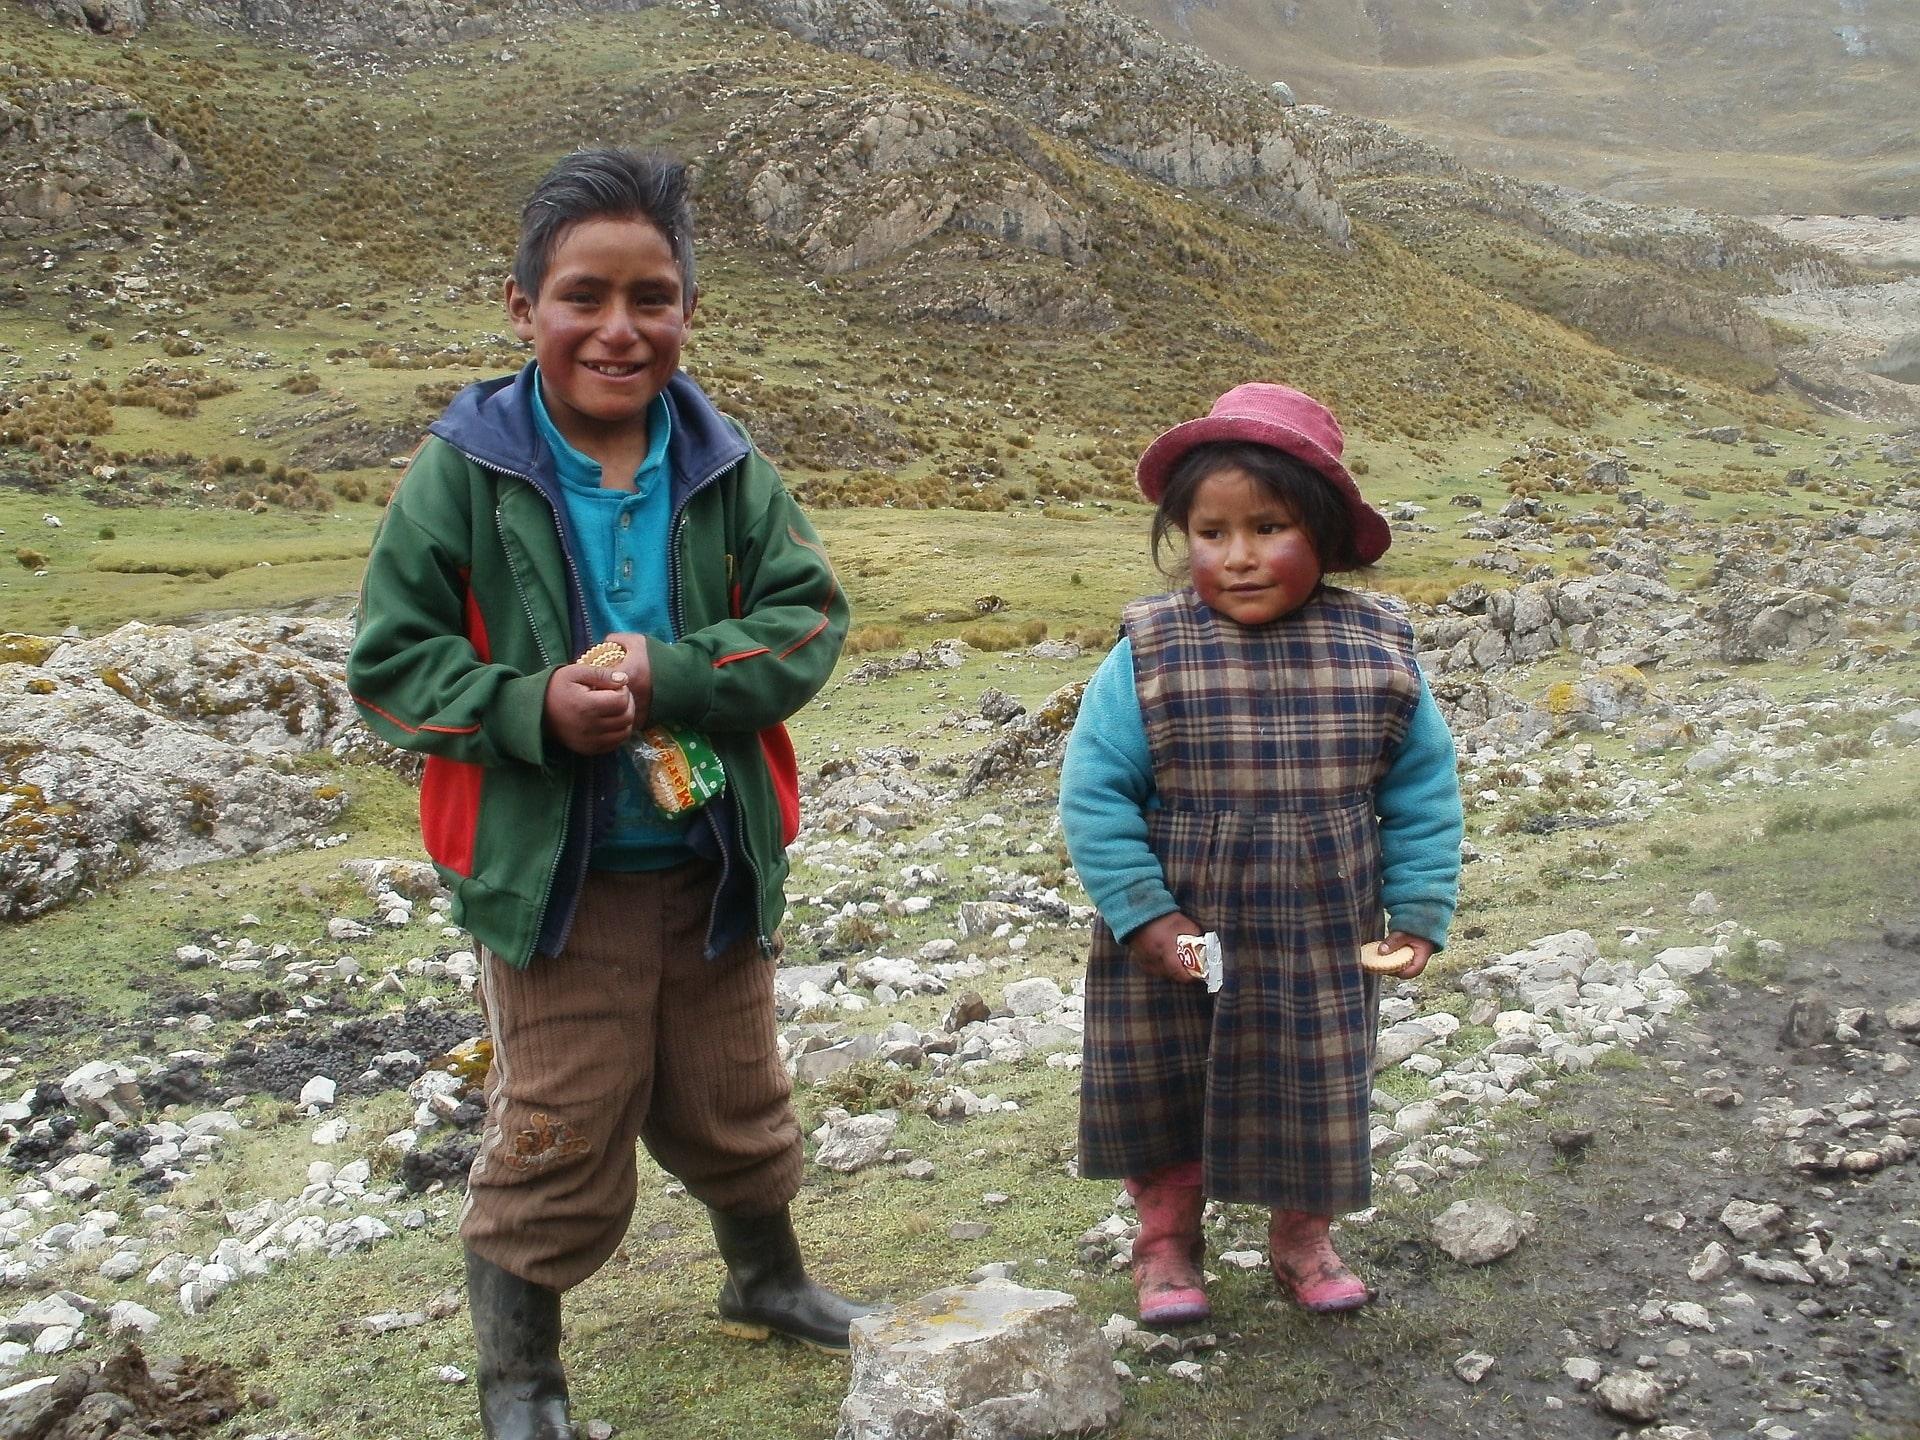 Volontariato internazionale in Perù nella comunità di Challaca